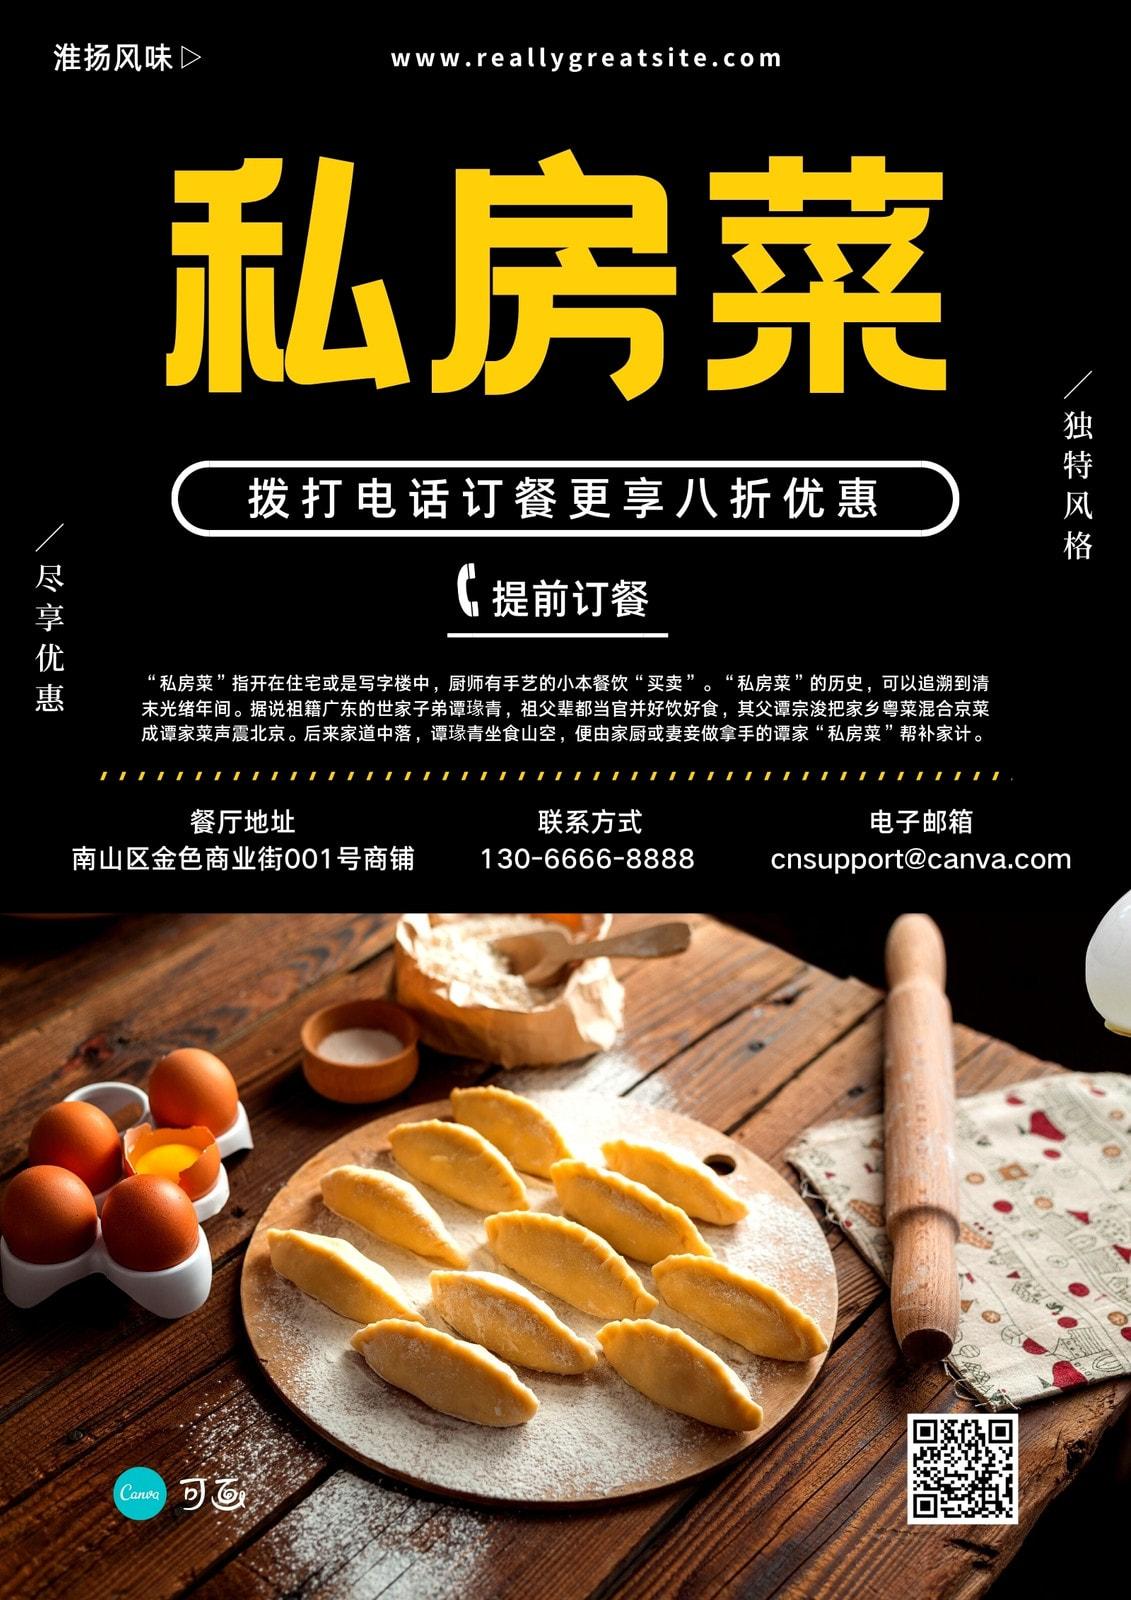 黄黑色饺子照片餐饮促销中文海报